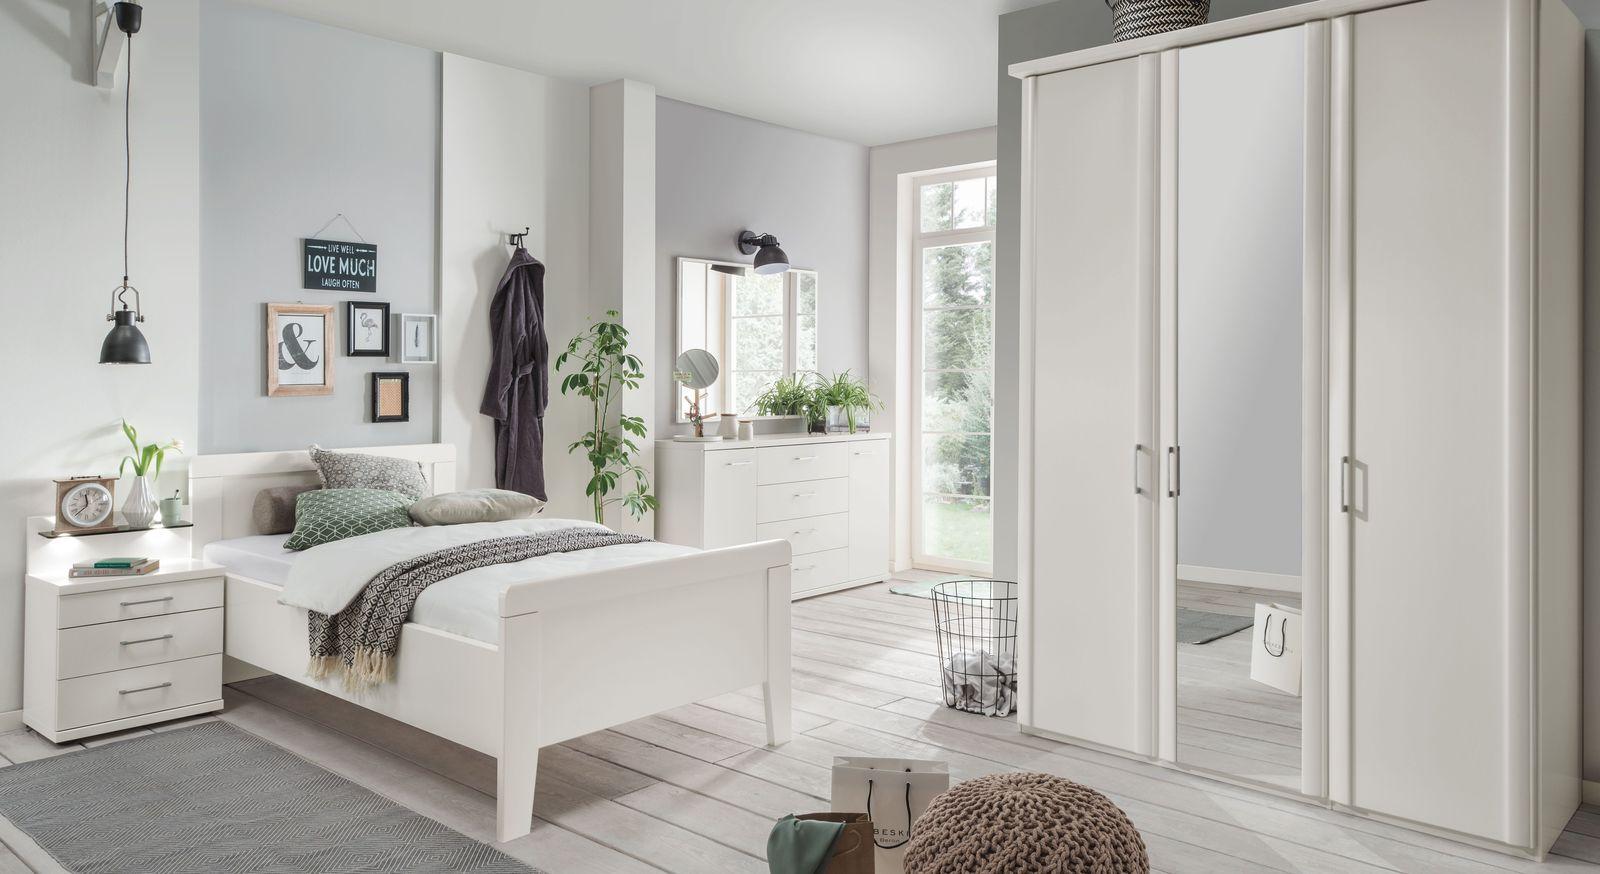 Full Size of Senioren Schlafzimmer Komplett Mit Einzel Oder Doppelbett überbau Guenstig Nolte Günstige Lattenrost Und Matratze Stuhl Für Schimmel Im Vorhänge Kommode Wohnzimmer überbau Schlafzimmer Modern